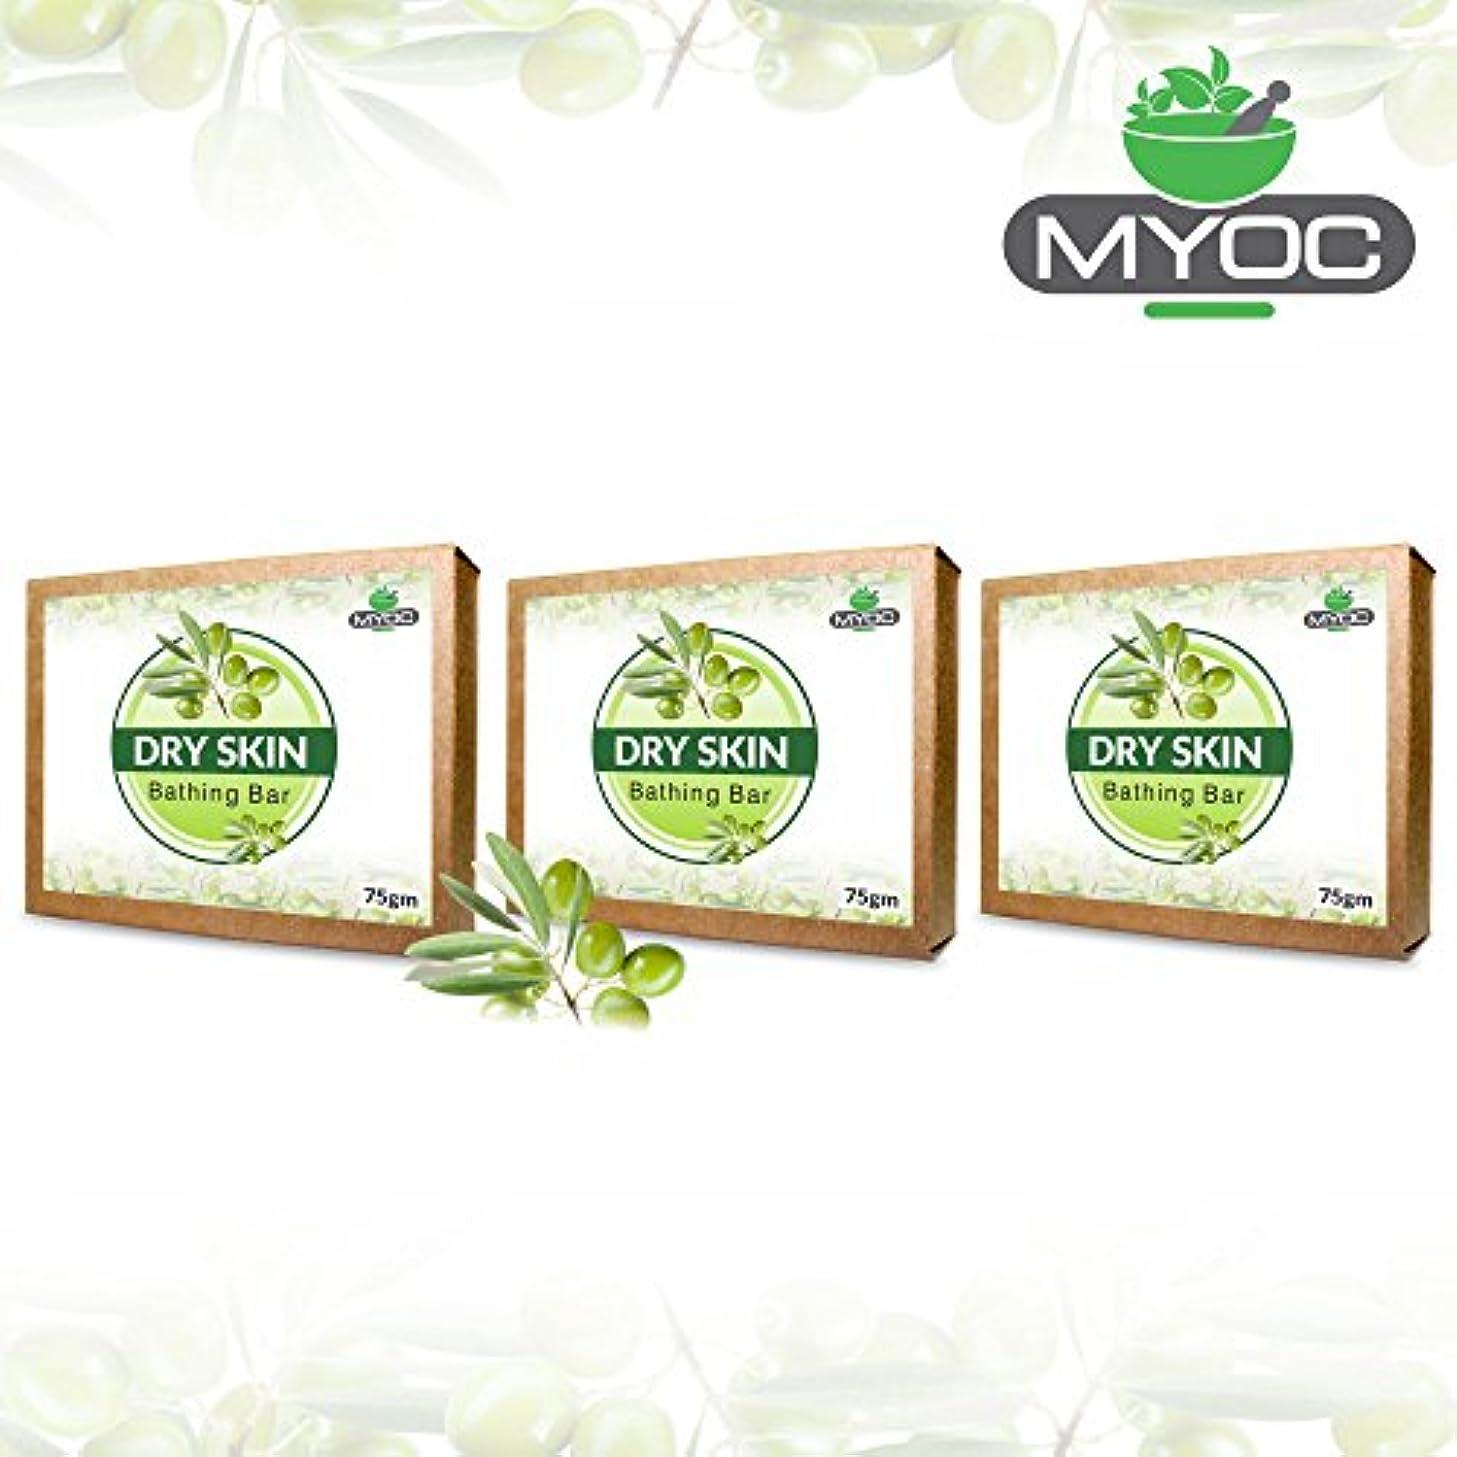 同級生ジャンプ変換Olive oil and glycerine soap for dry skin 75gm x 3 Pack